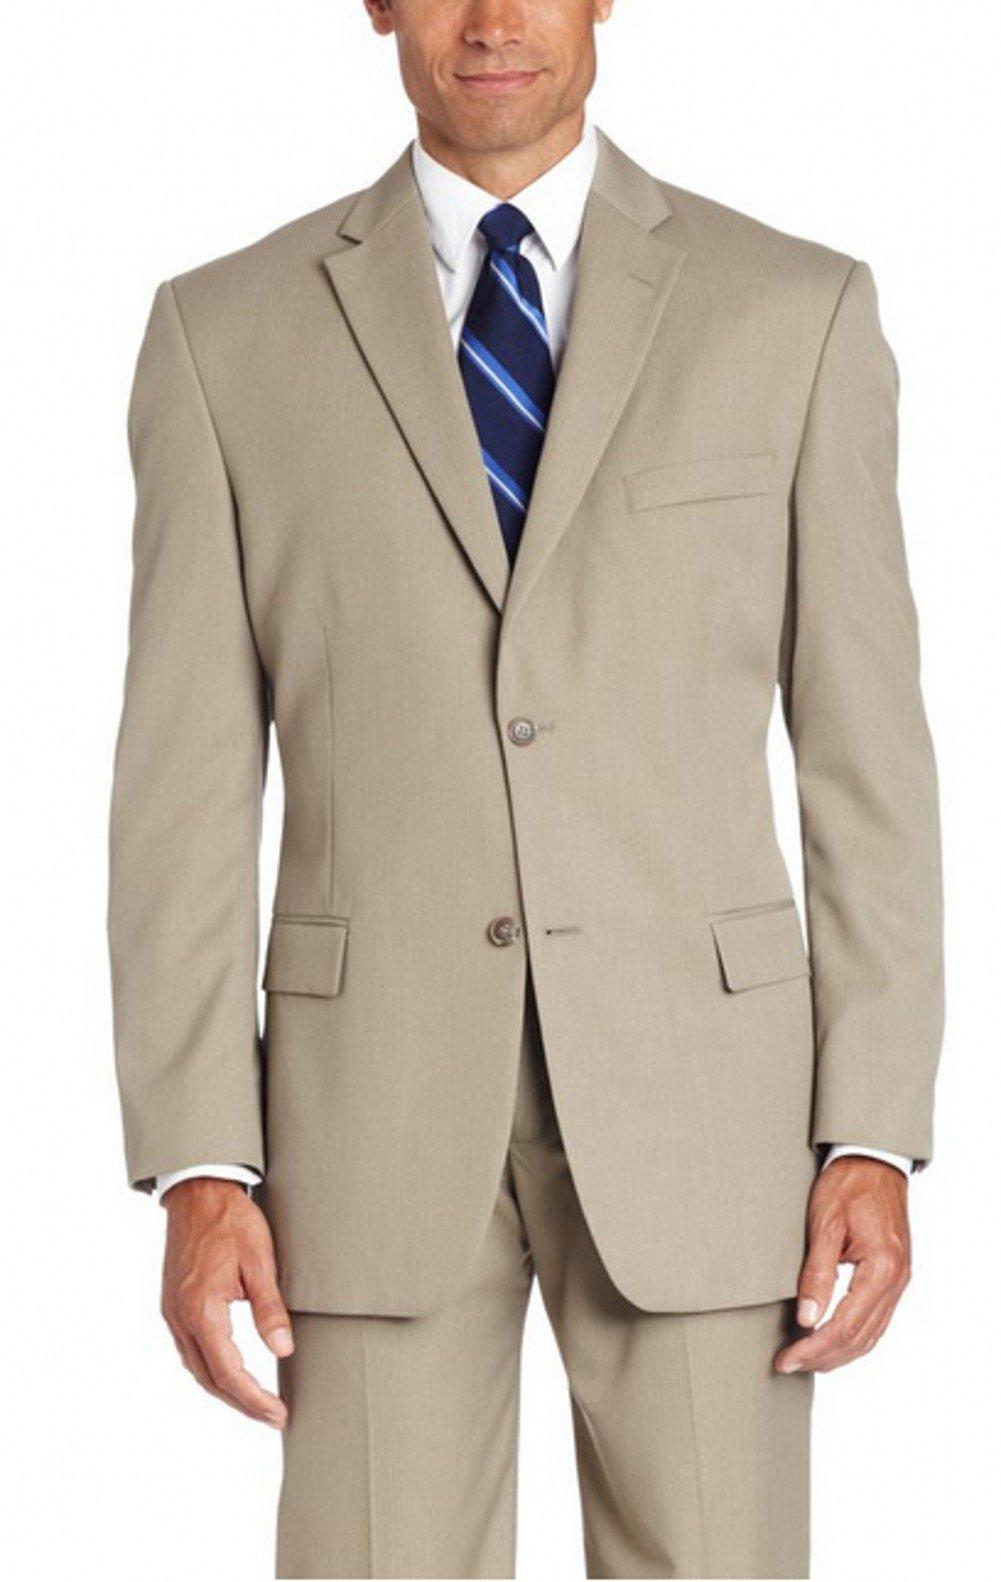 Love Dress Men's Two-button Khaki Suit Jacket and Pant XXXXXXL